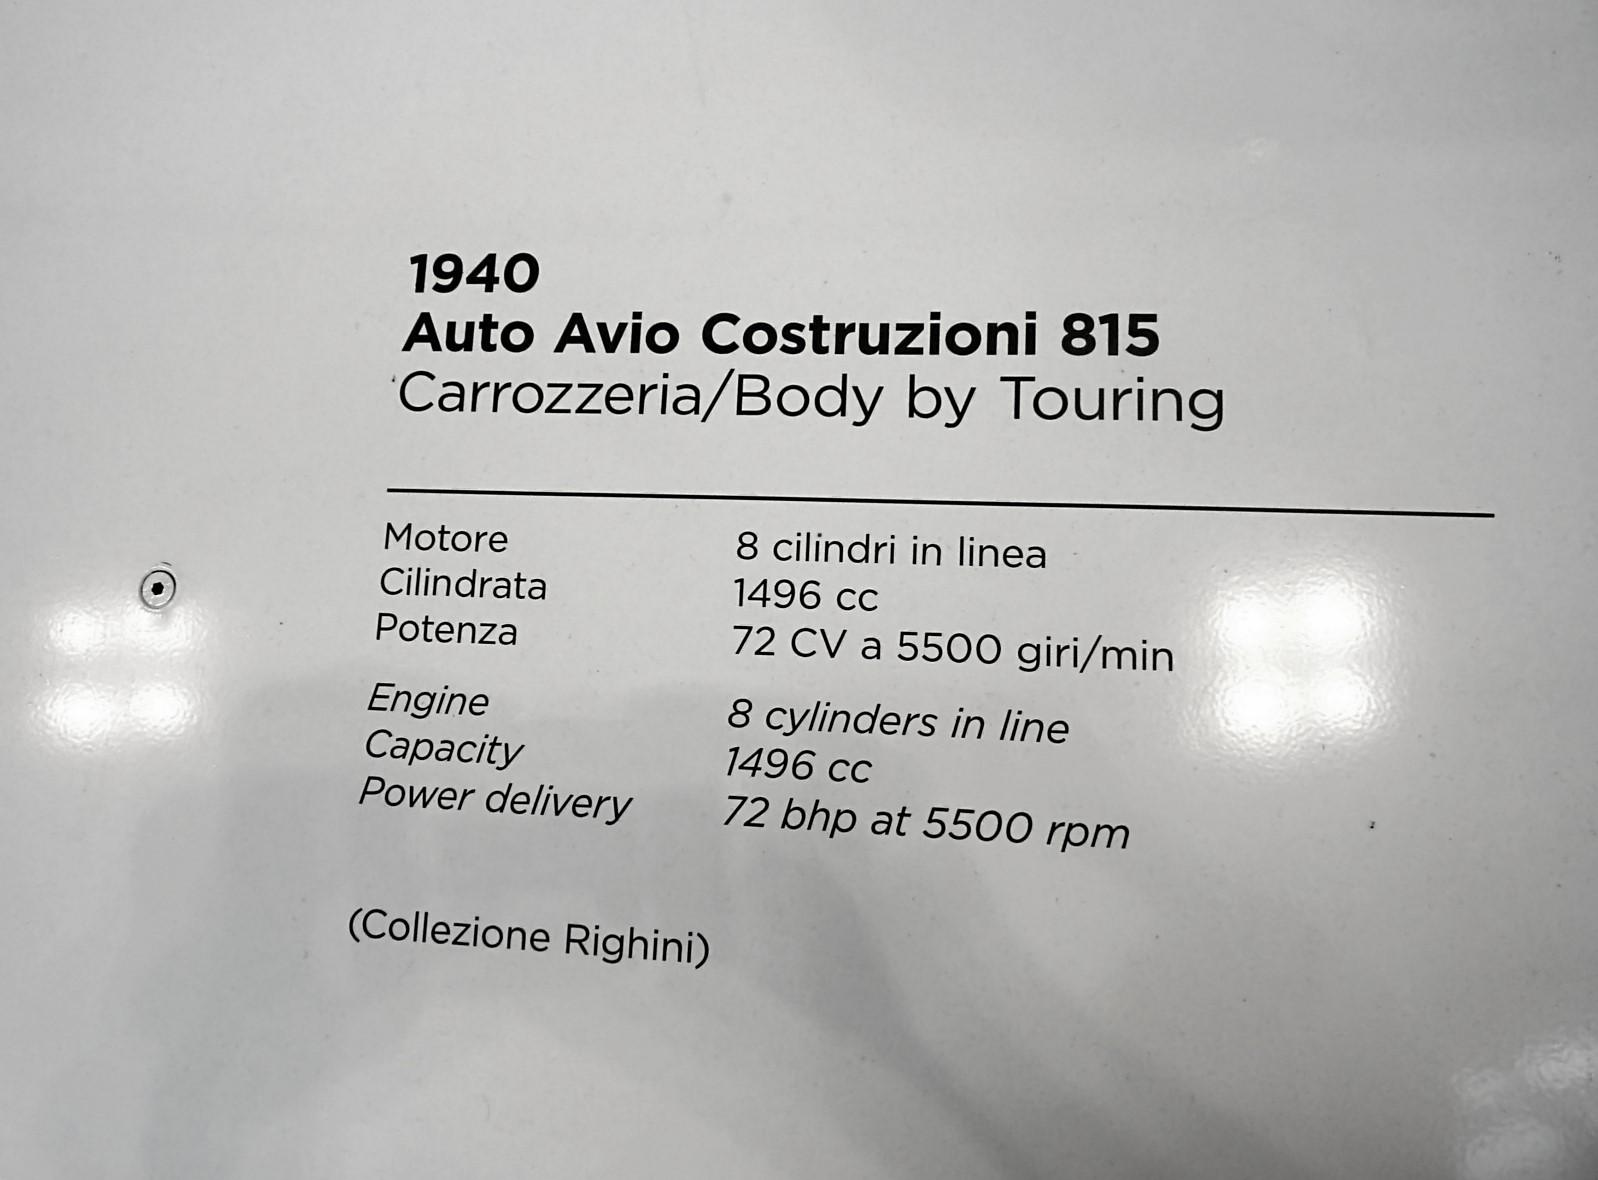 1940 Auto Avio Costruzioni 815 (5)